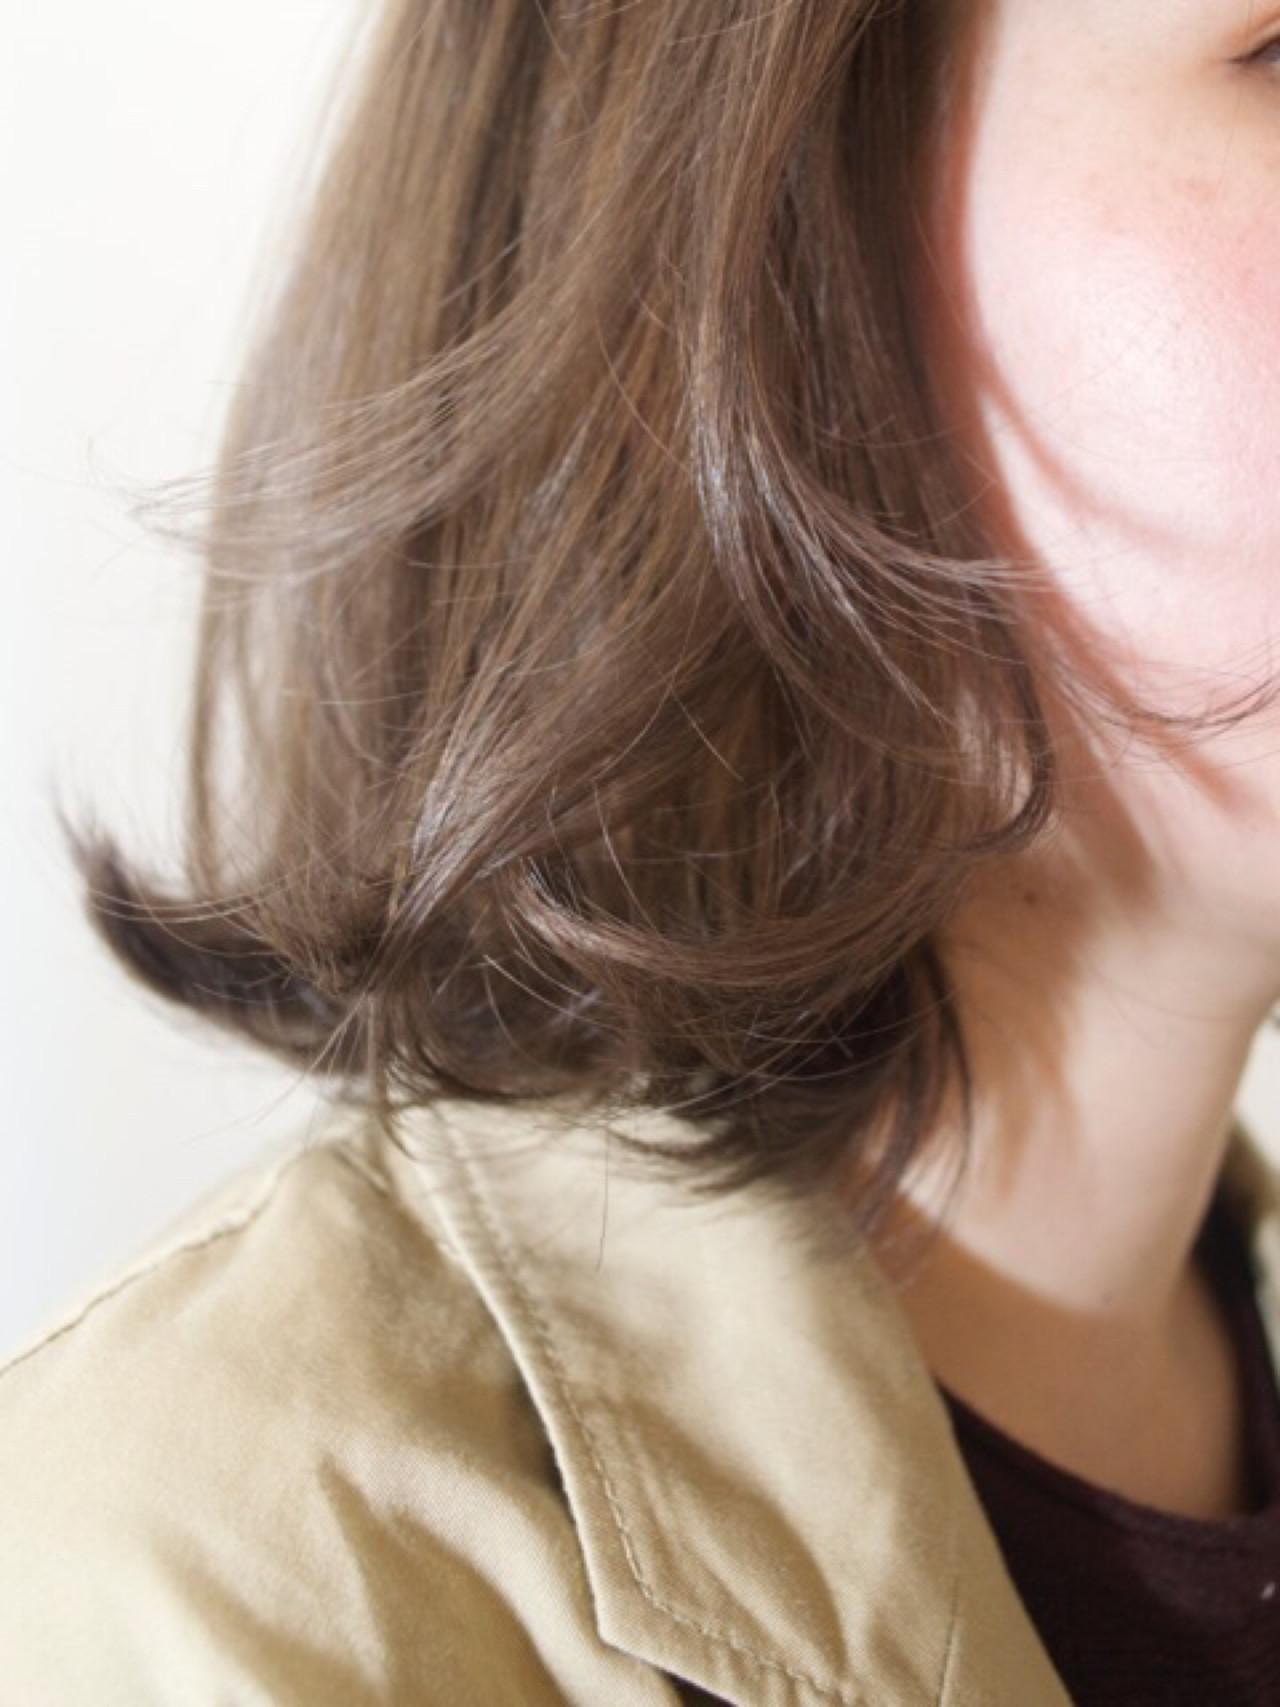 ボブ ハイライト ワンカール ナチュラル ヘアスタイルや髪型の写真・画像 | YOSUKE KOJIMA / CONO HAIR